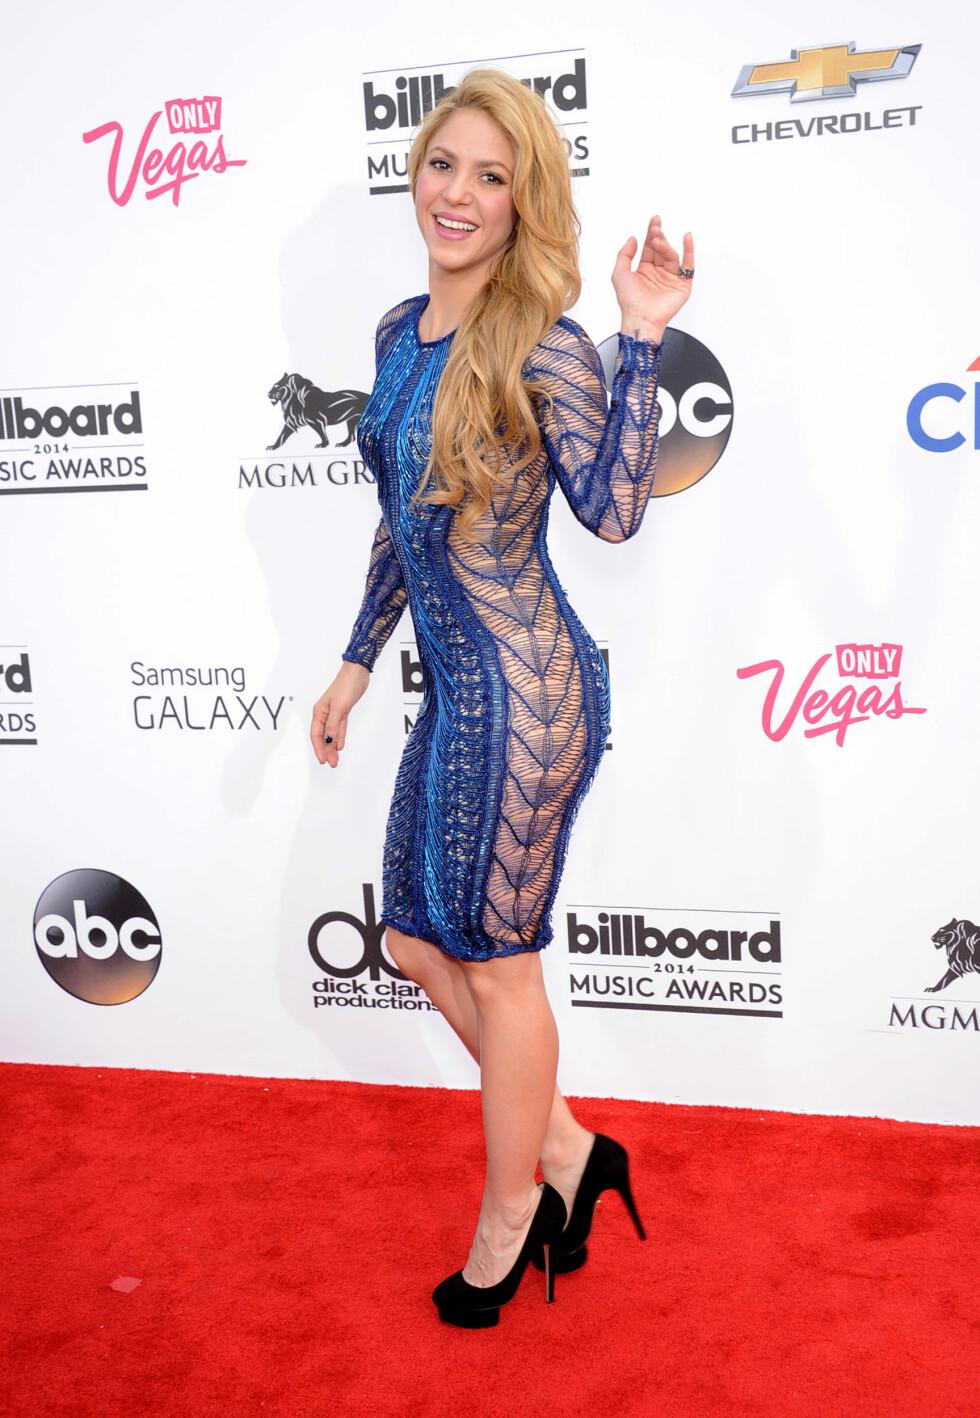 Popstjernen Shakira i kjole med gjennomsiktig stoff på sidene.  Foto: Digital Focus / Splash News/ All